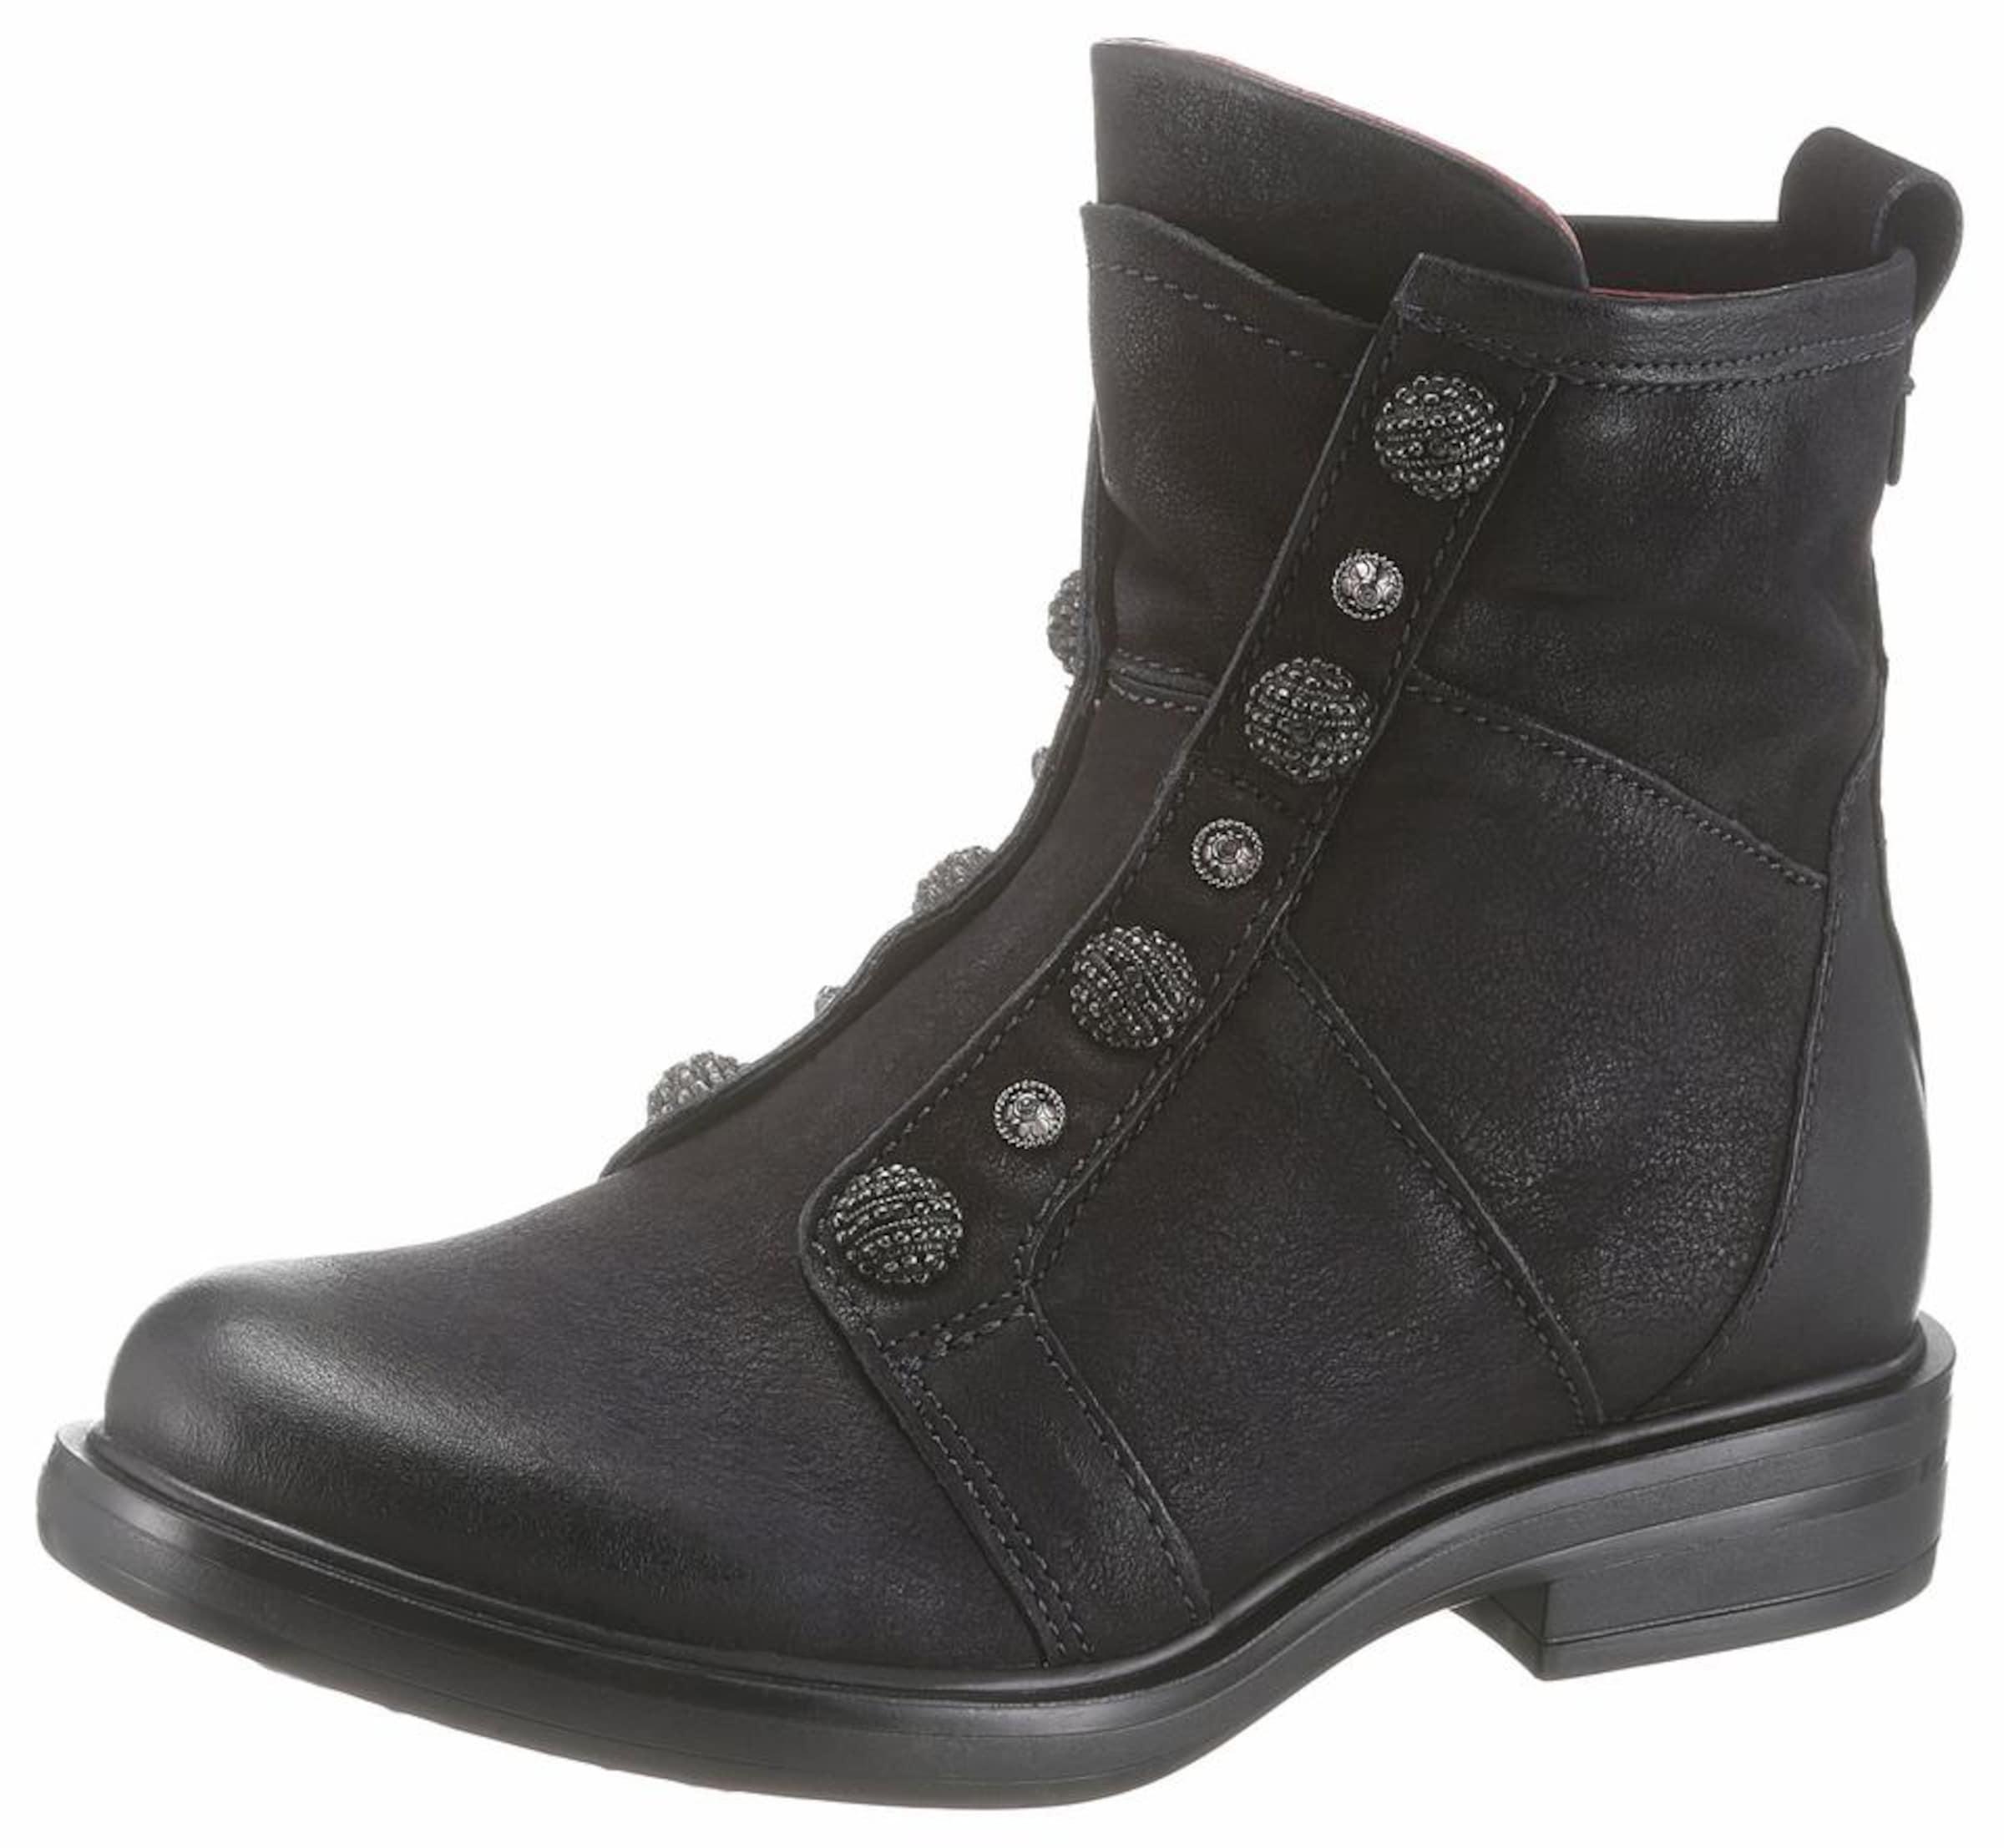 ARIZONA Stiefelette Verschleißfeste billige Schuhe Hohe Qualität